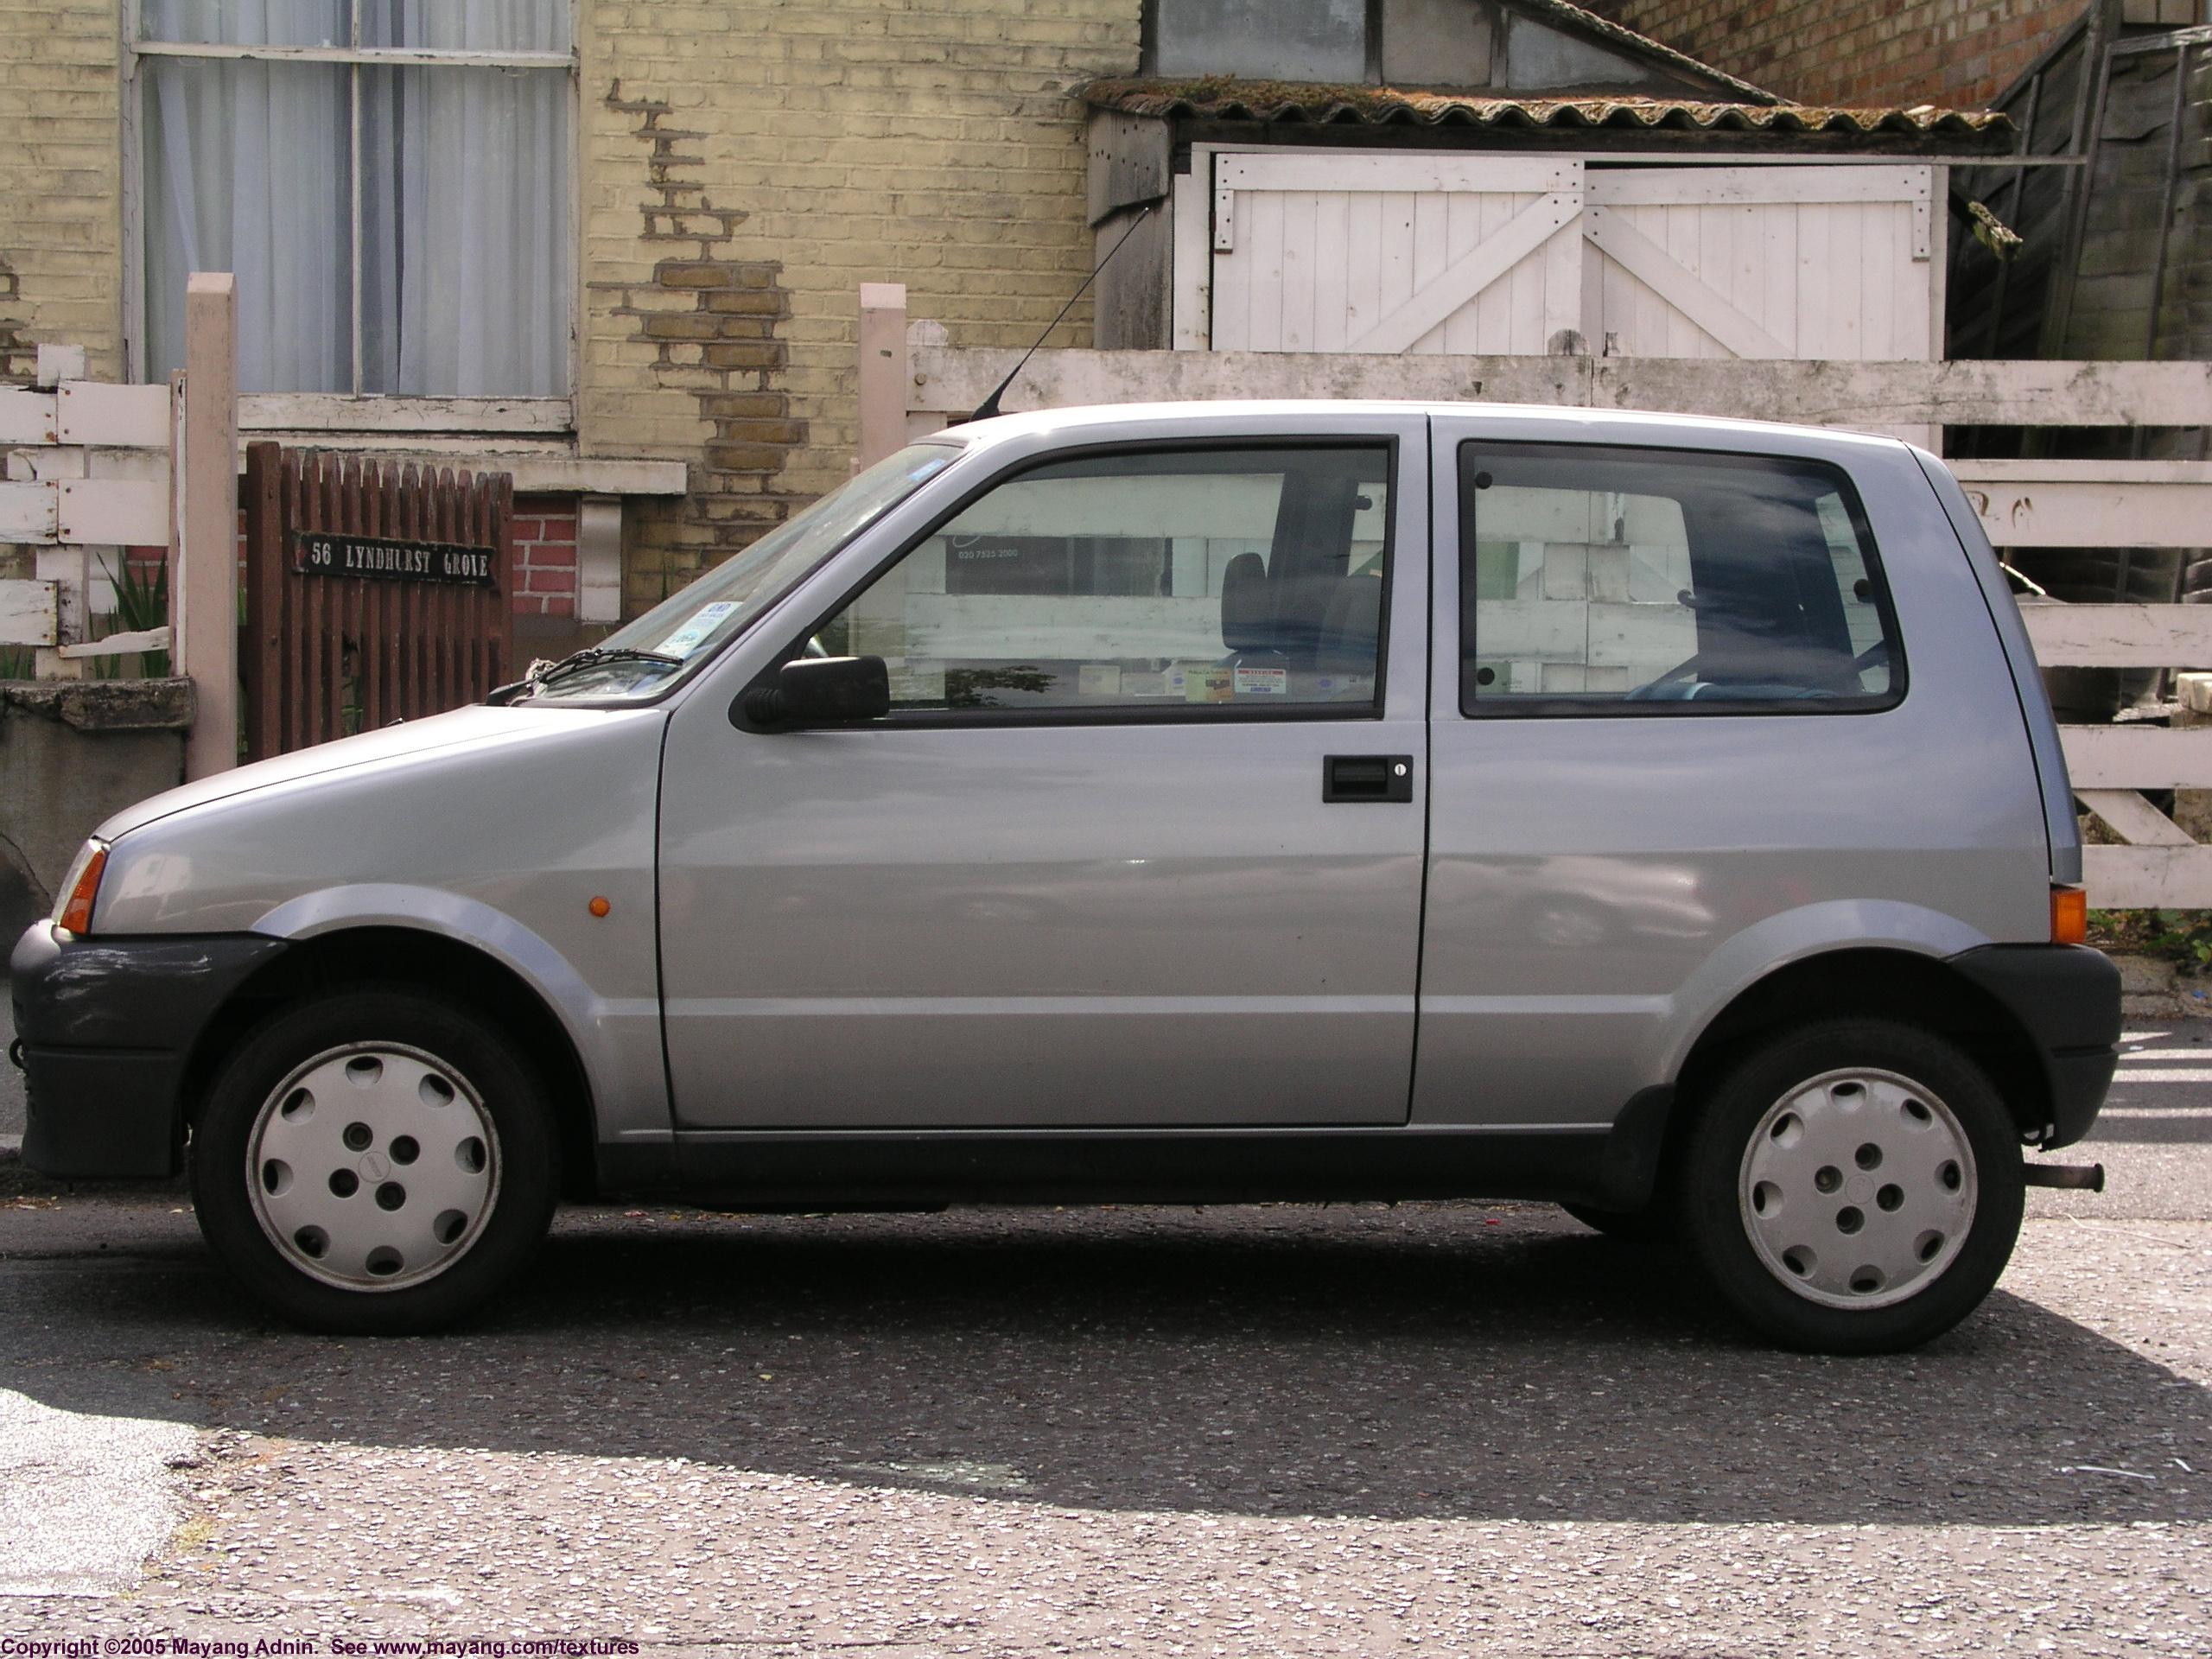 Attractive Old Small Cars Inspiration - Classic Cars Ideas - boiq.info